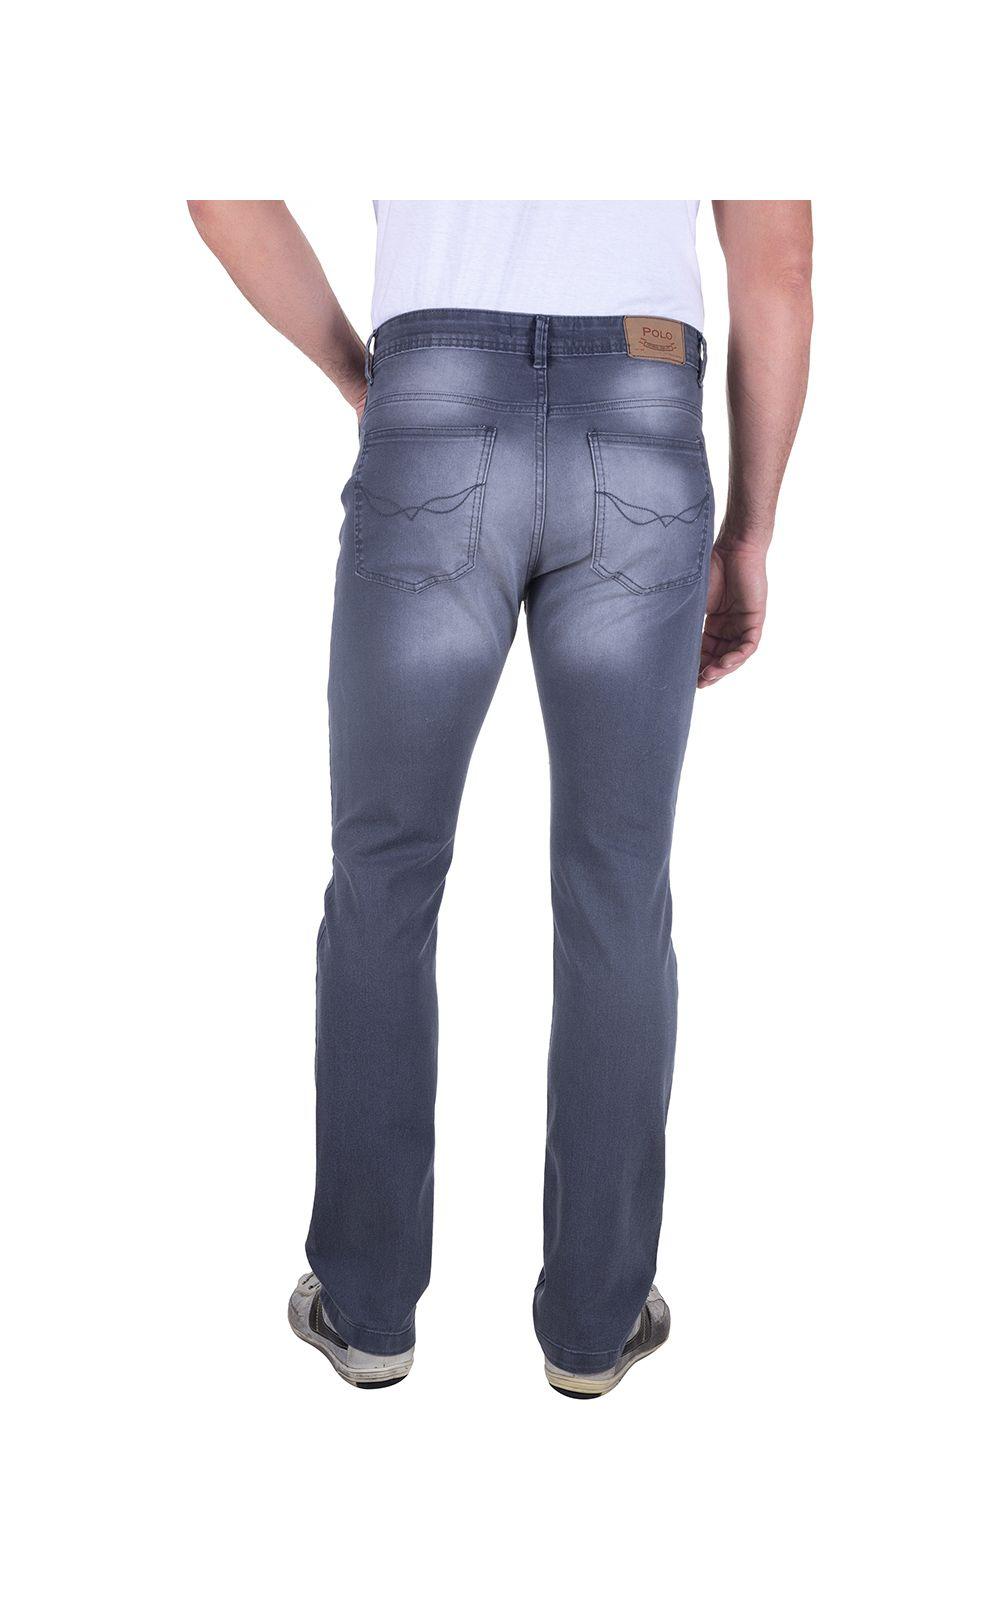 Foto 2 - Calça Jeans Masculina Cinza Lisa